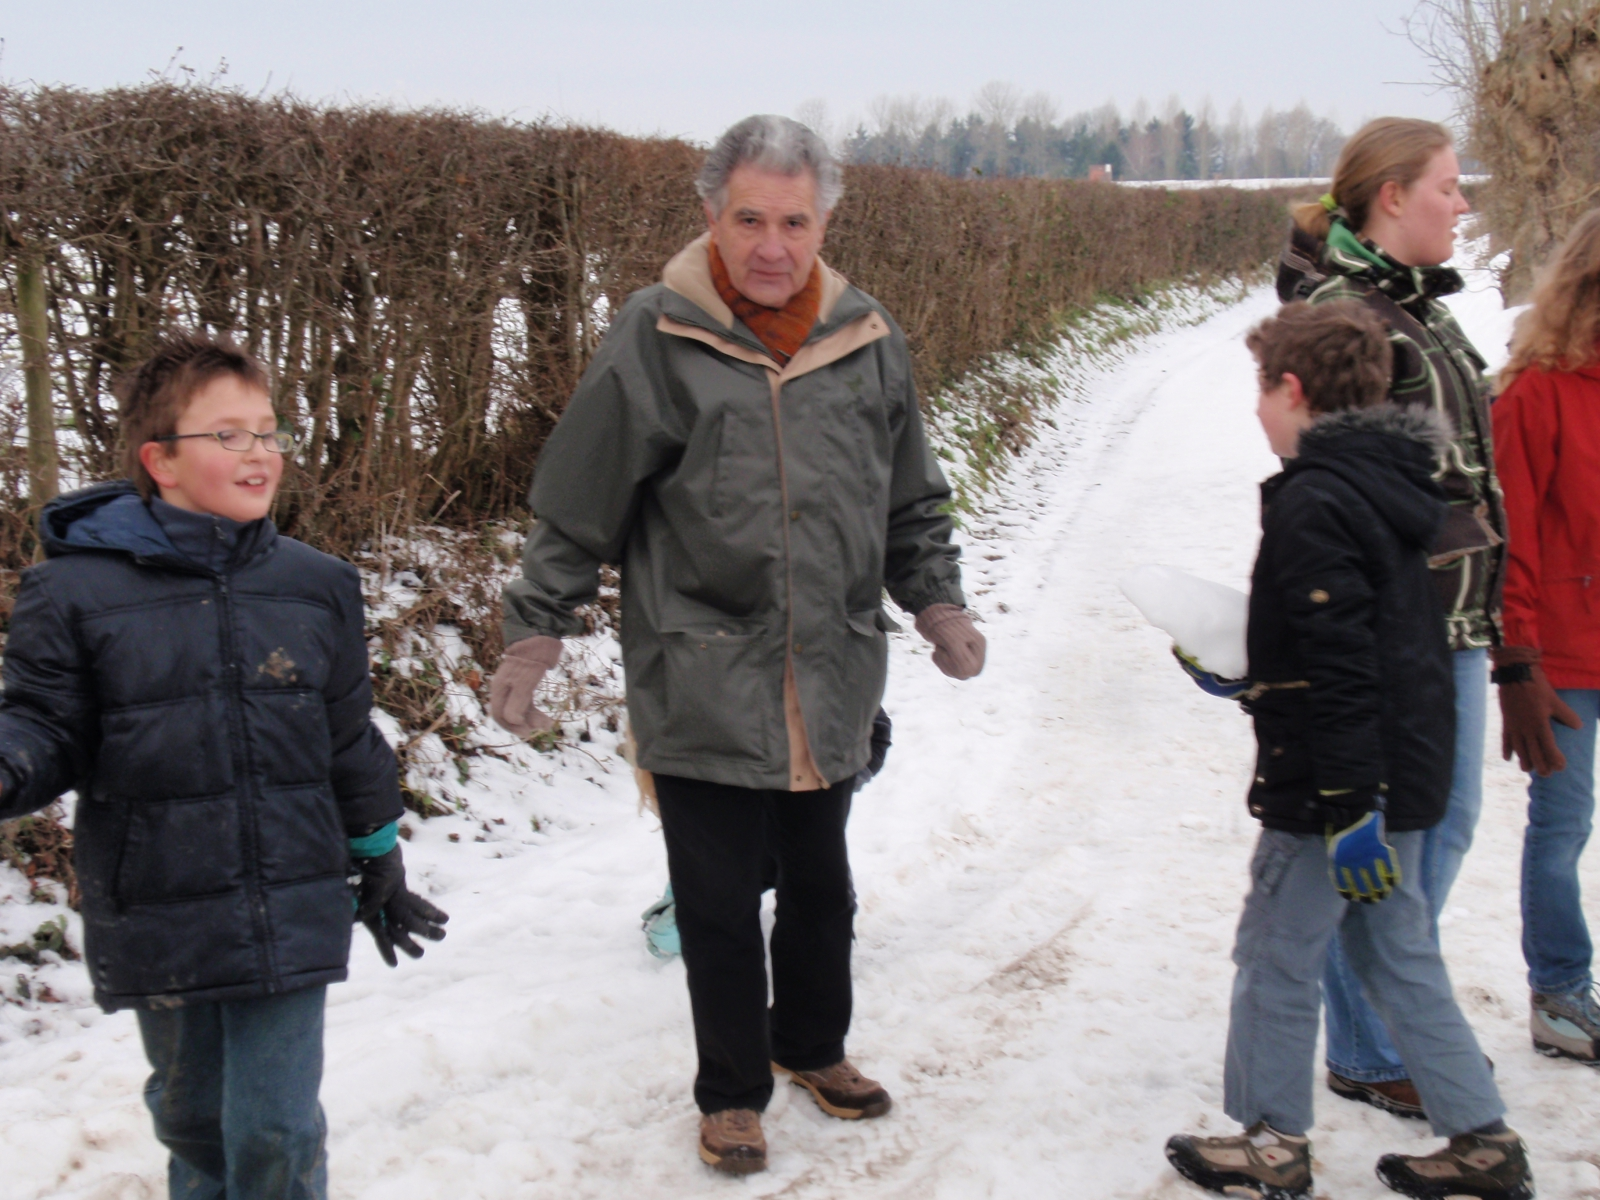 winterwandeling (2)